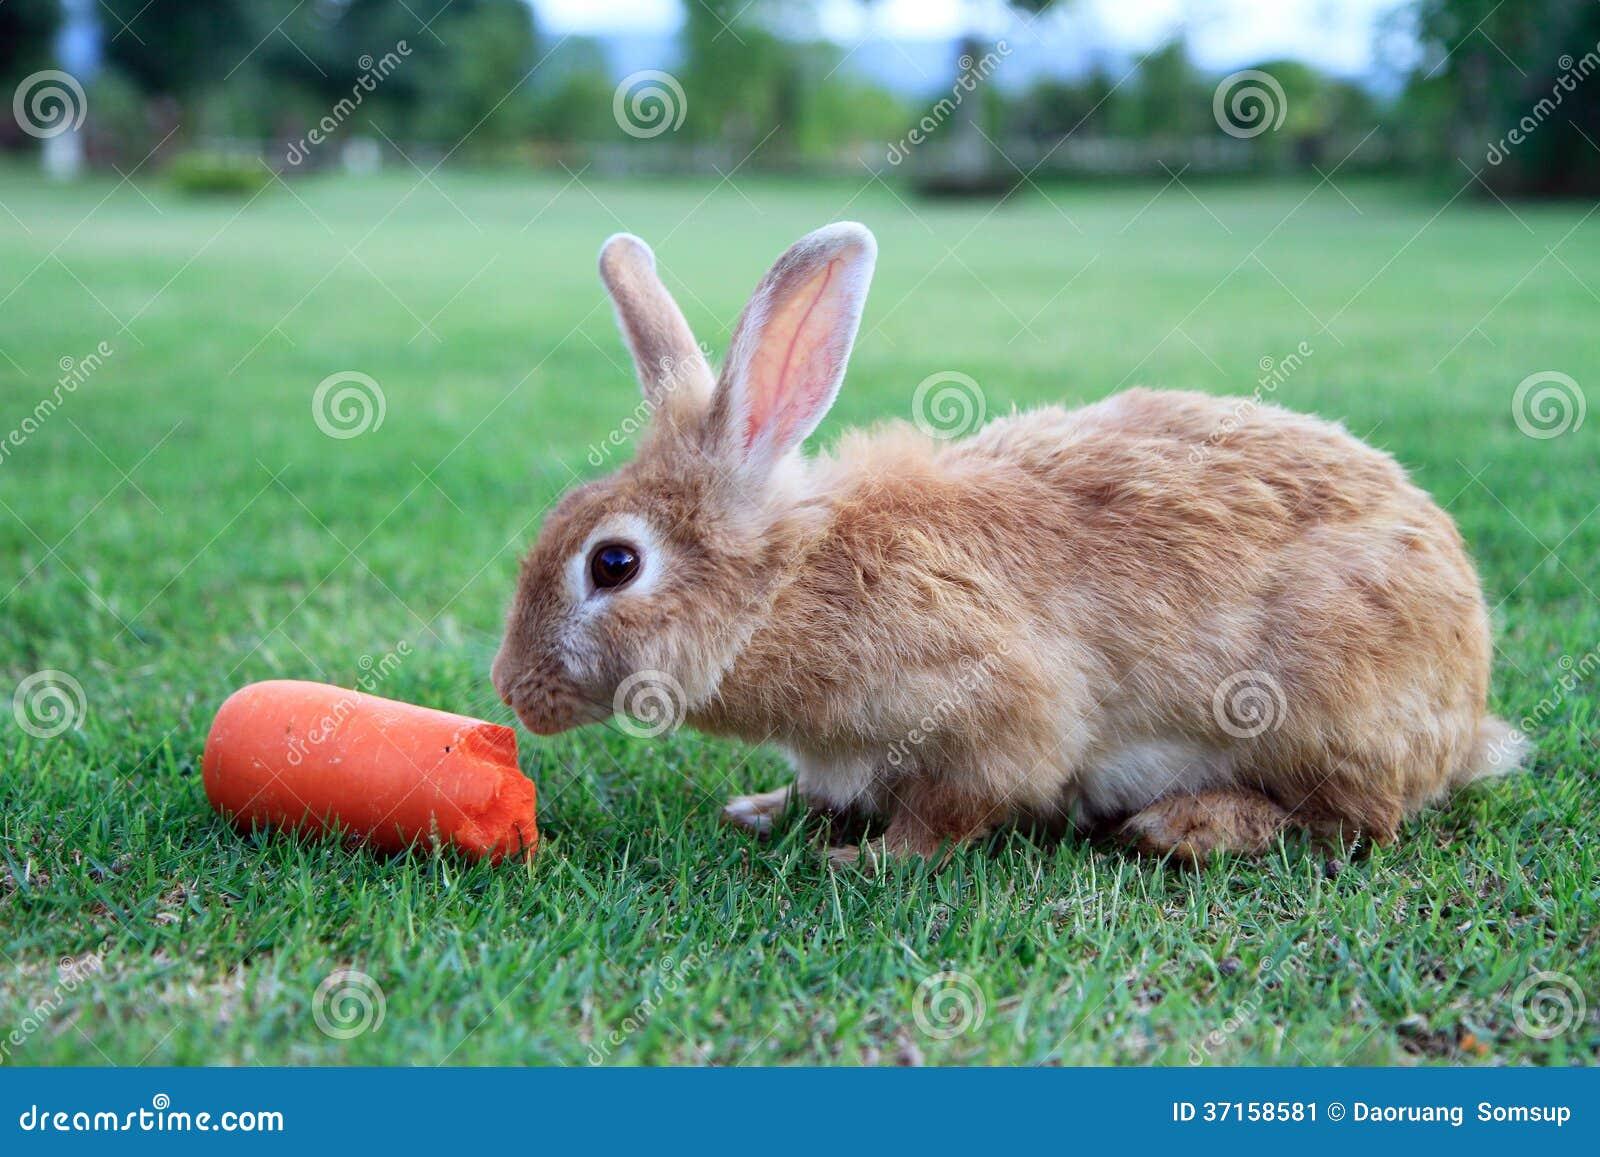 Conejo Que Come La Zanahoria Imagen De Archivo Imagen De Jard Marr 37158581 Dibujo de un conejo con zanahoria para pintar, colorear o imprimir. dreamstime